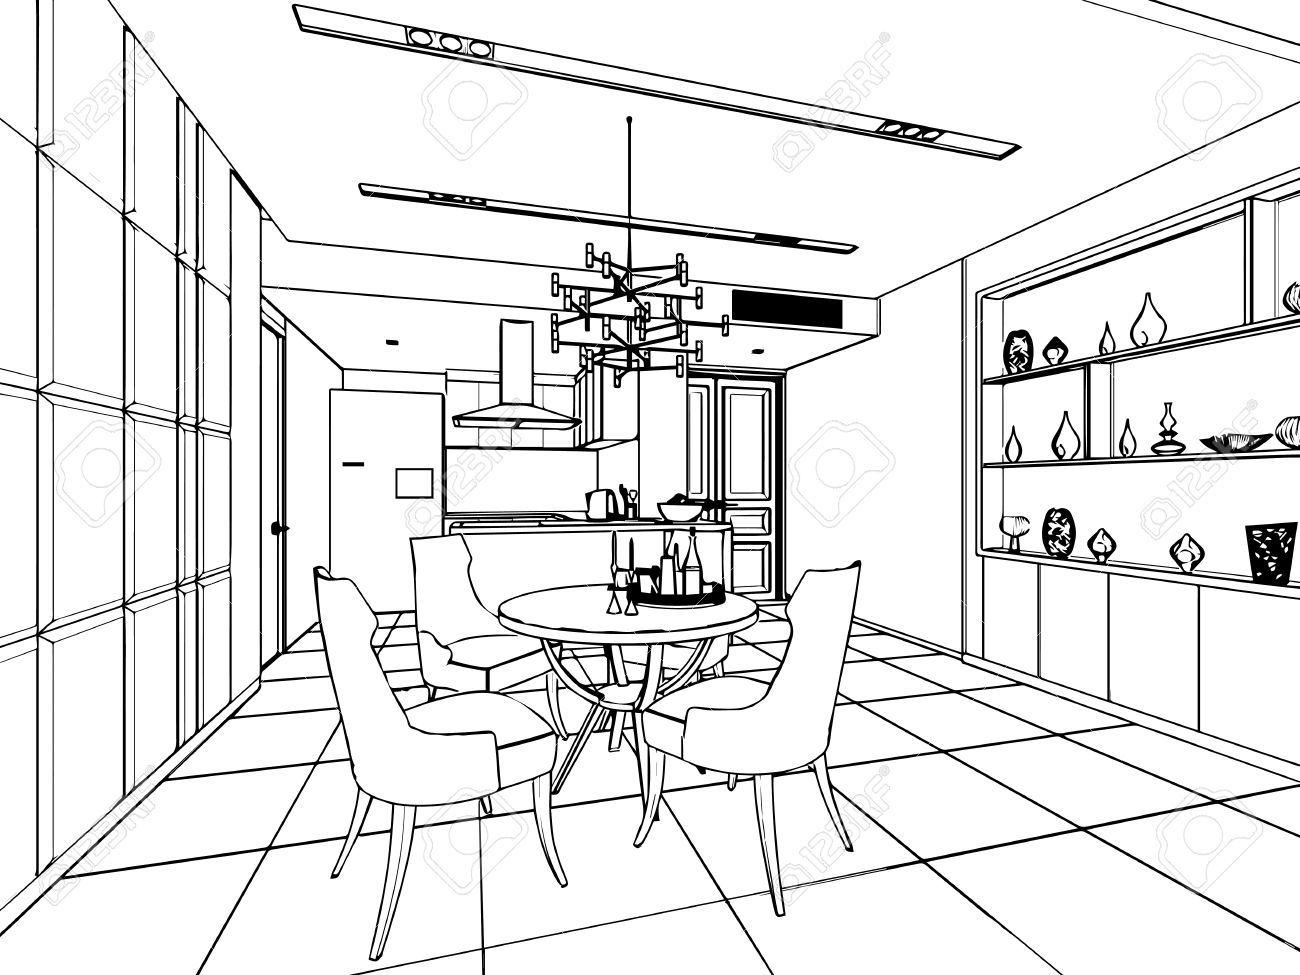 prinzipskizze zeichnung perspektive eines innenraums